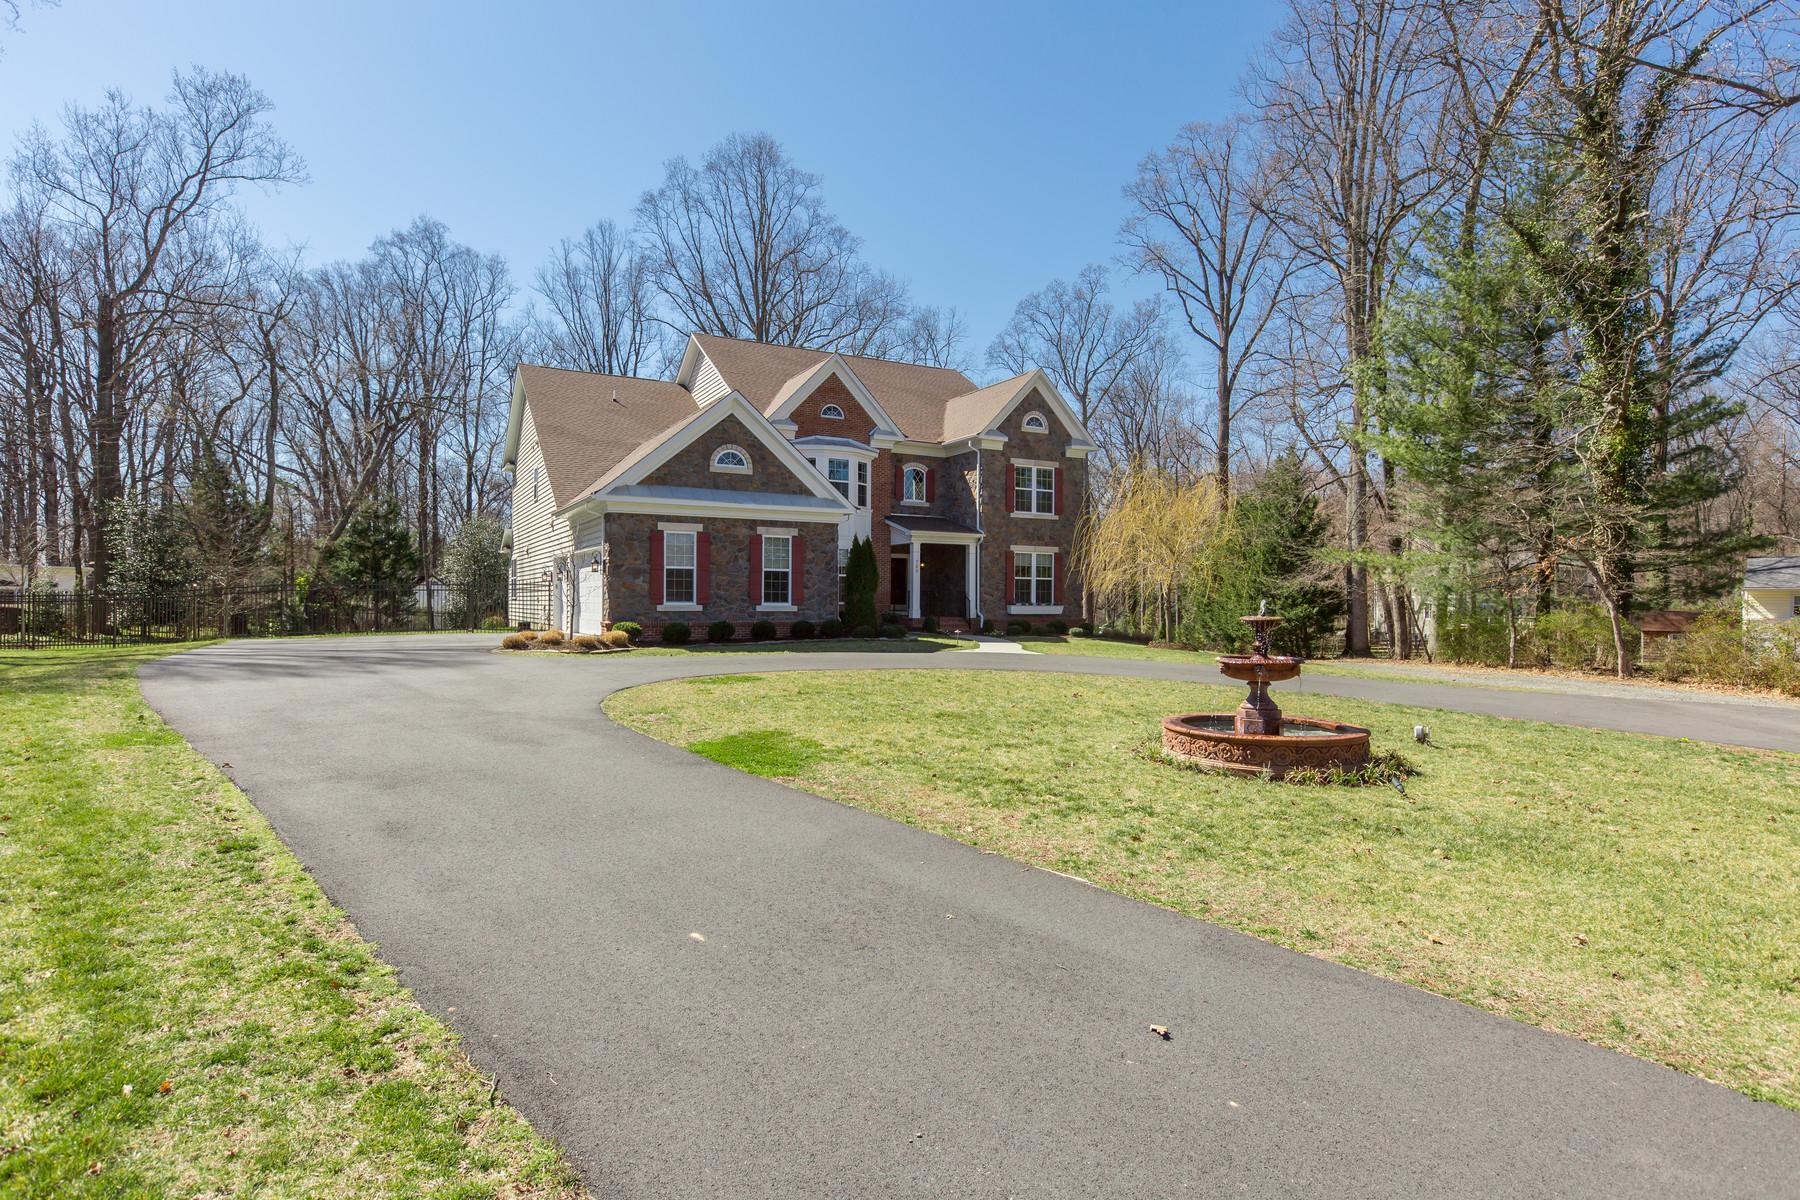 Maison unifamiliale pour l Vente à 700 Walker Road, Great Falls 700 Walker Rd Great Falls, Virginia, 22066 États-Unis